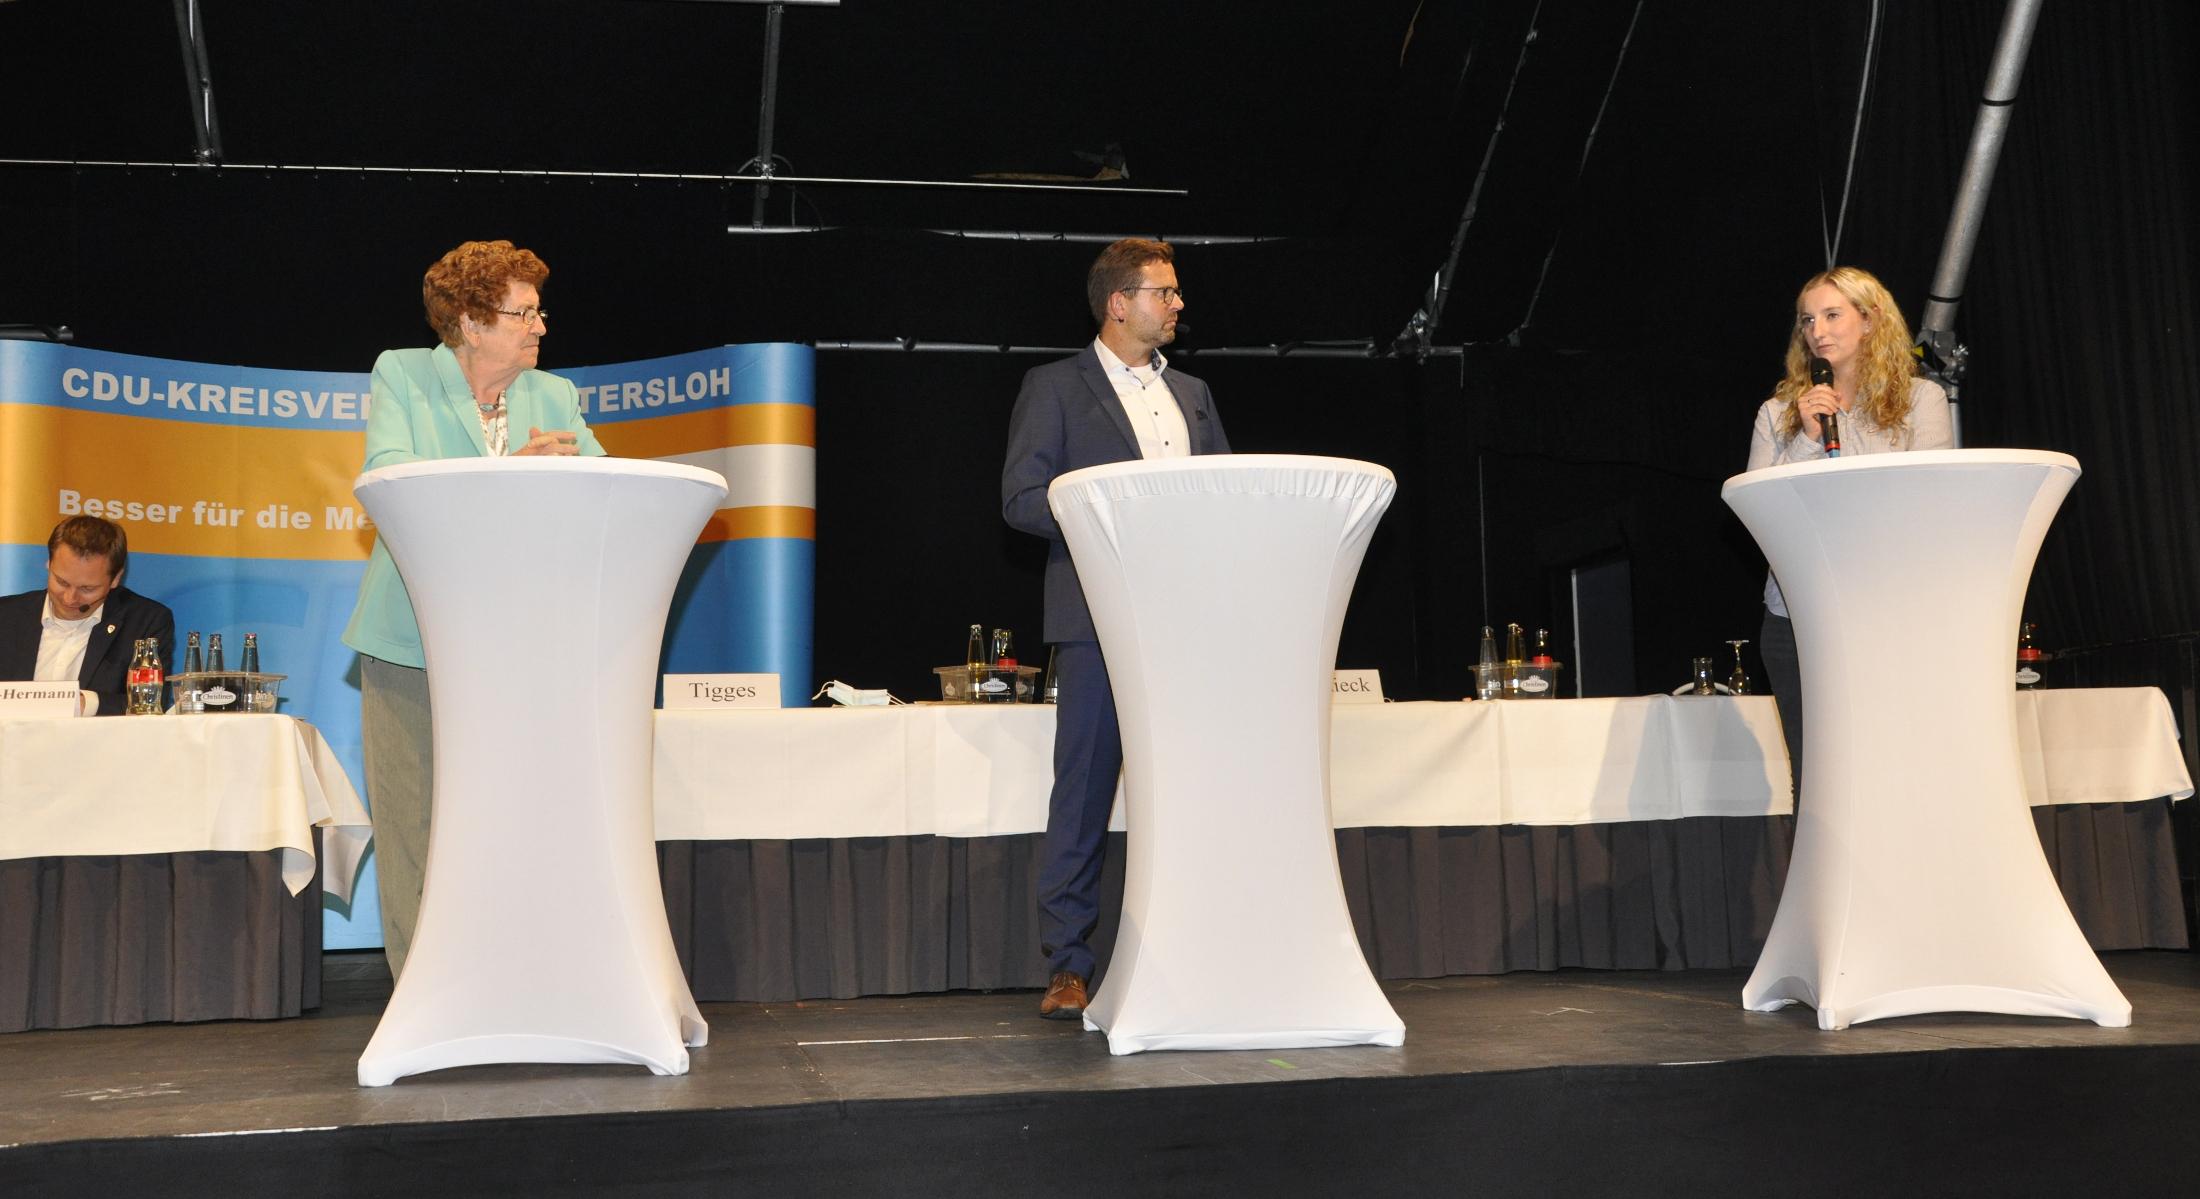 Liesel Fronemann-Keminer, Raphael Tigges und Lisa Elbracht im Gespräch.